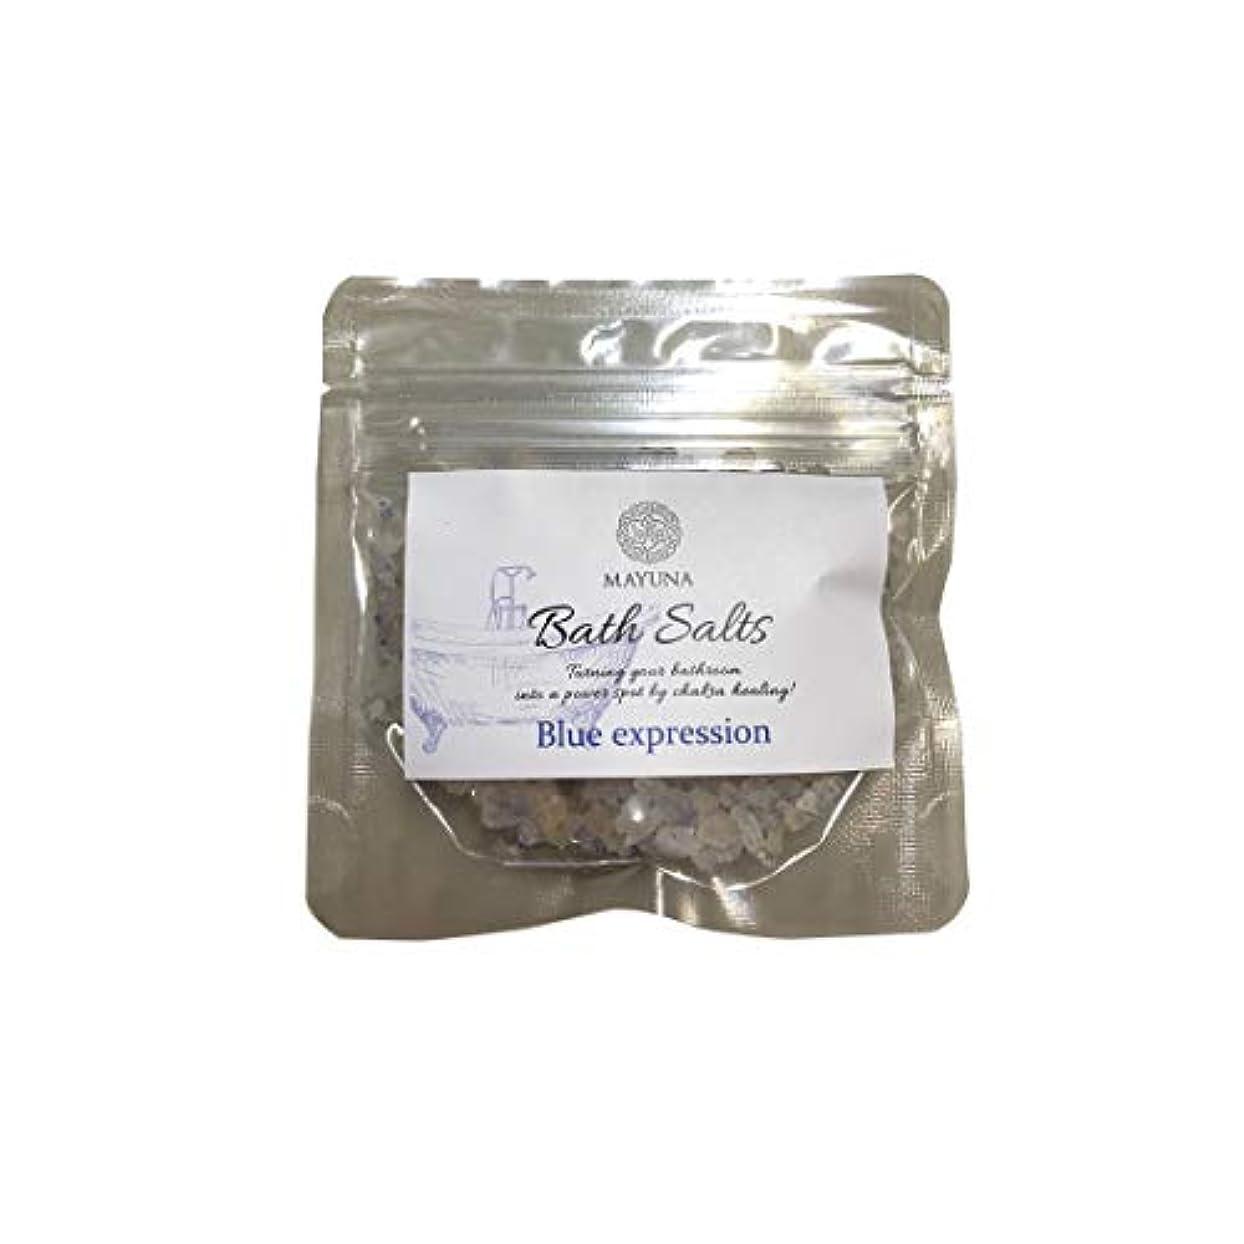 タイムリーな増強要件Mayuna Bath Salts マユナバスソルト クリスタルフォーチュン 50g (ブルーエクスプレッション)